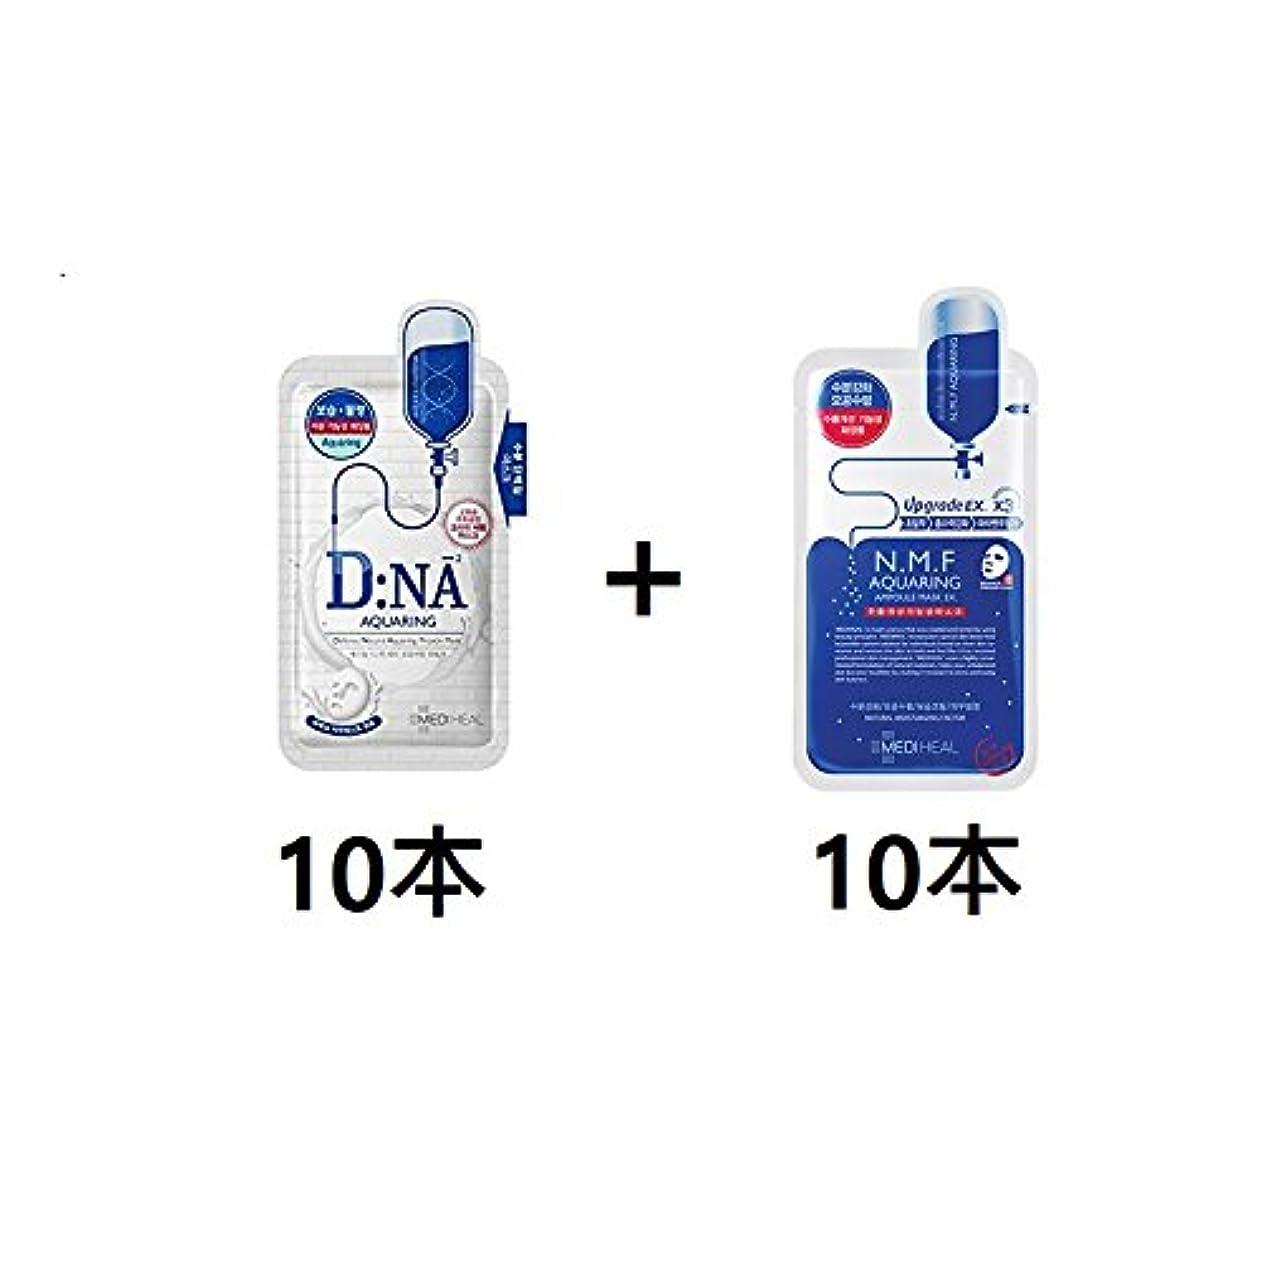 ホールド豚肉物足りない[10+10] [メディヒール] Mediheal [N.M.F アクアリング アンプルマスク EX (10枚)] + Mediheal DNA [プロアチン マスクパック (アクアリング) (10枚) ] [並行輸入品]